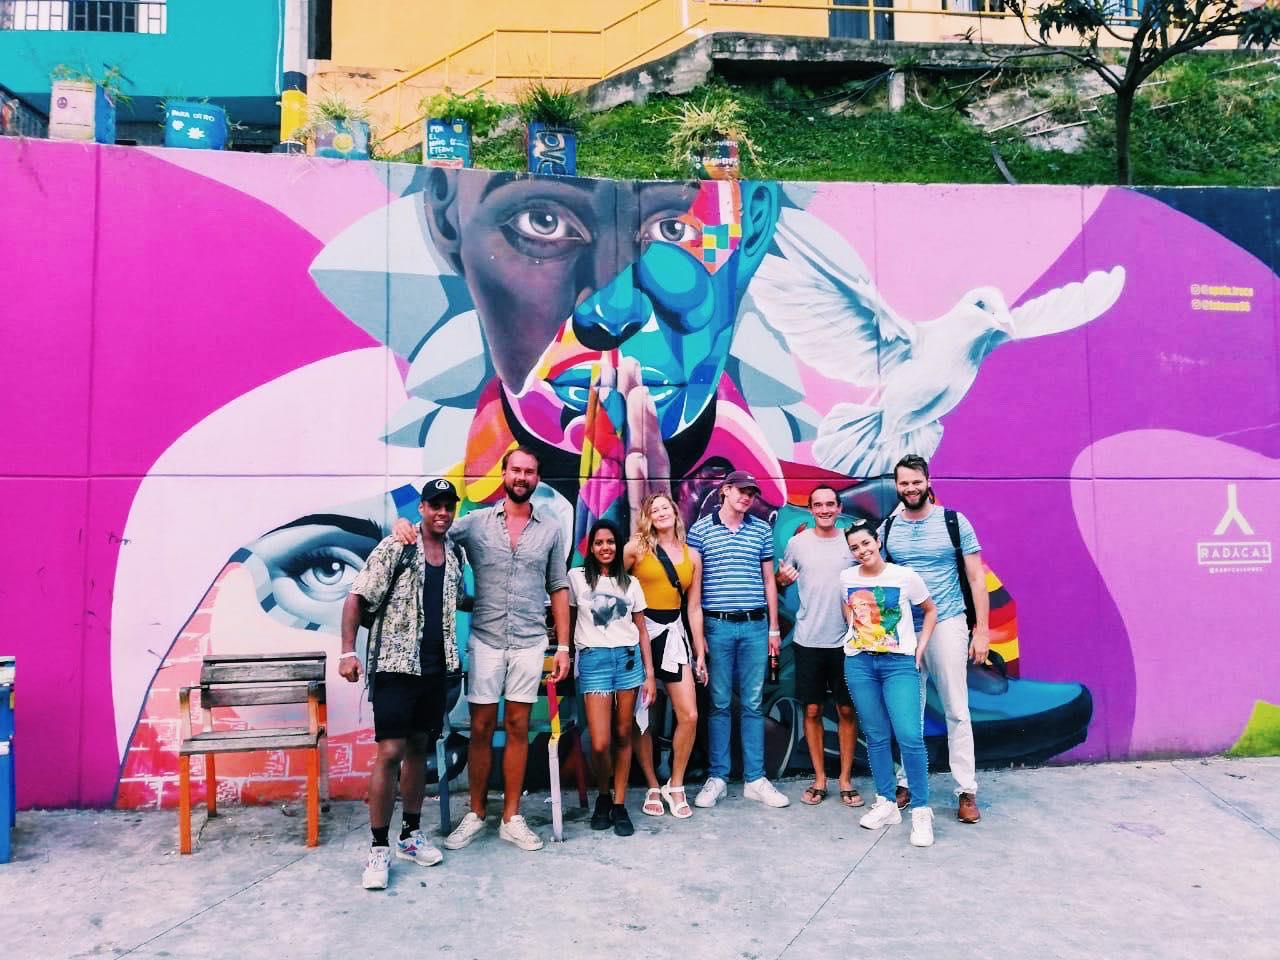 Taken at Cummuna 13 in Medellín